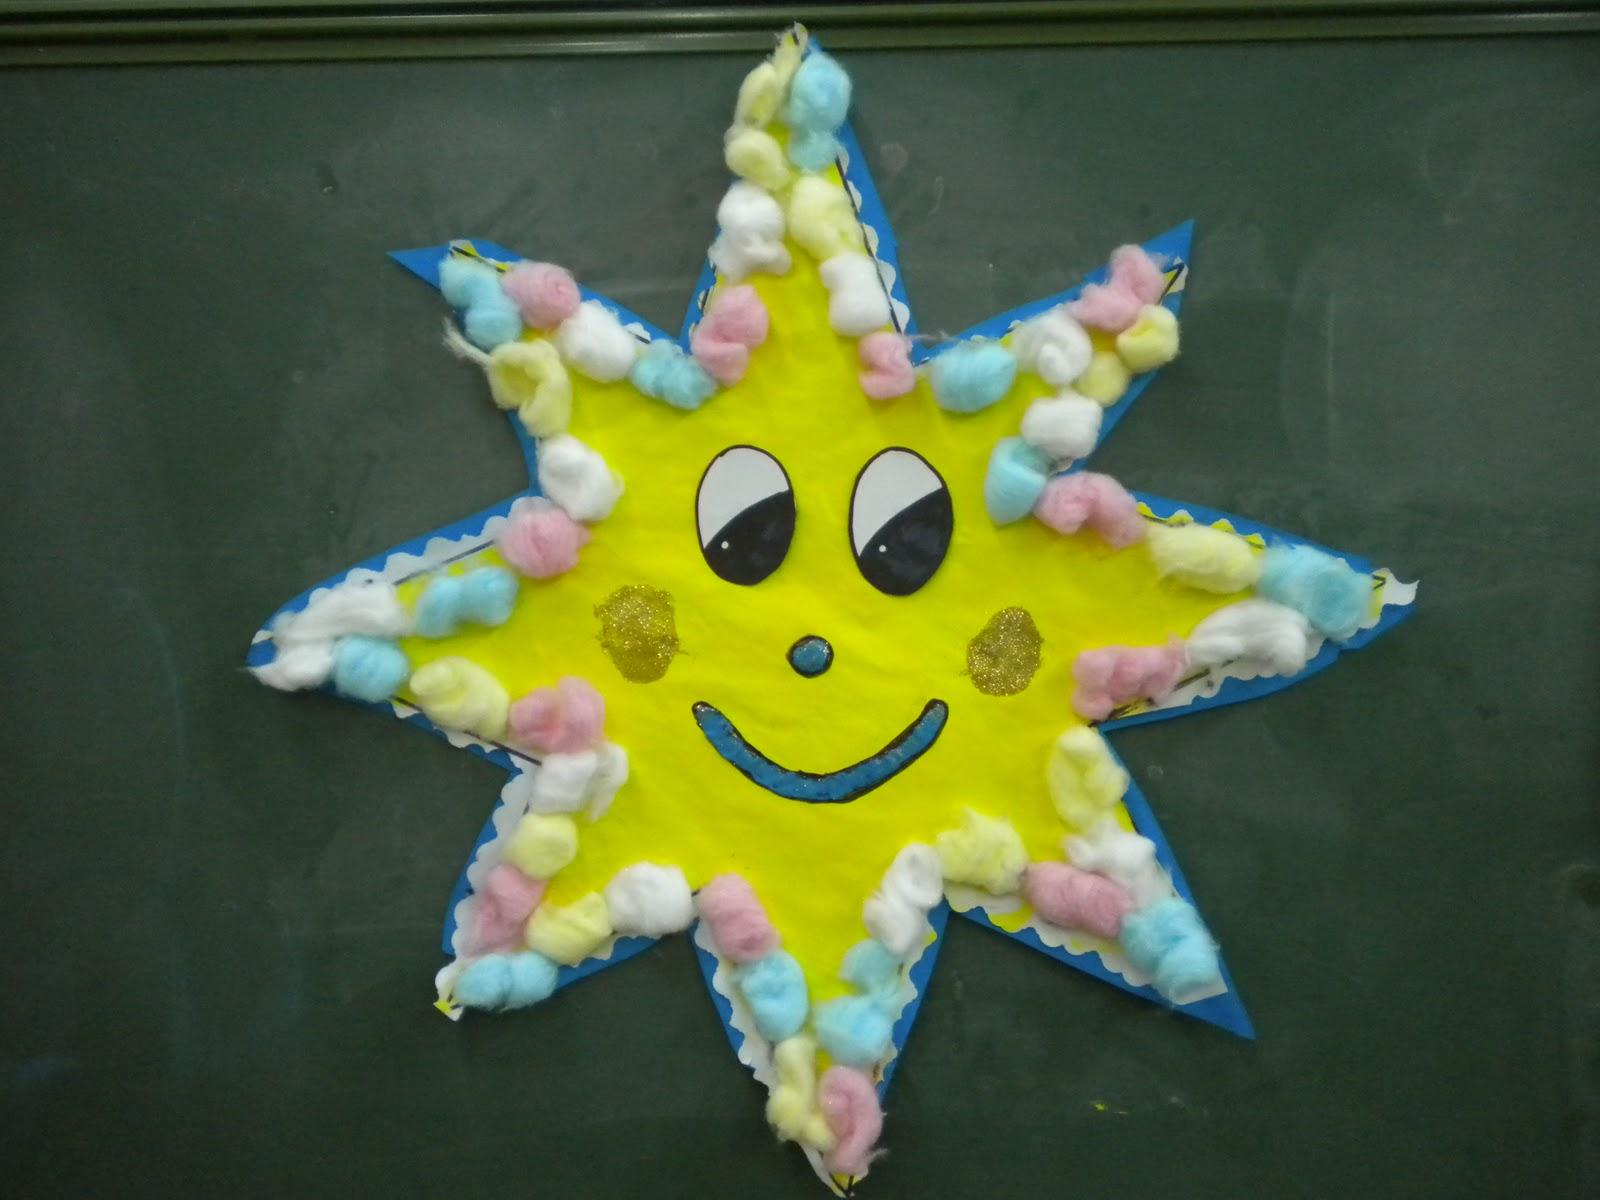 El rinc n de l s educador s ideas para decorar en navidad for Ideas decoracion navidad colegio